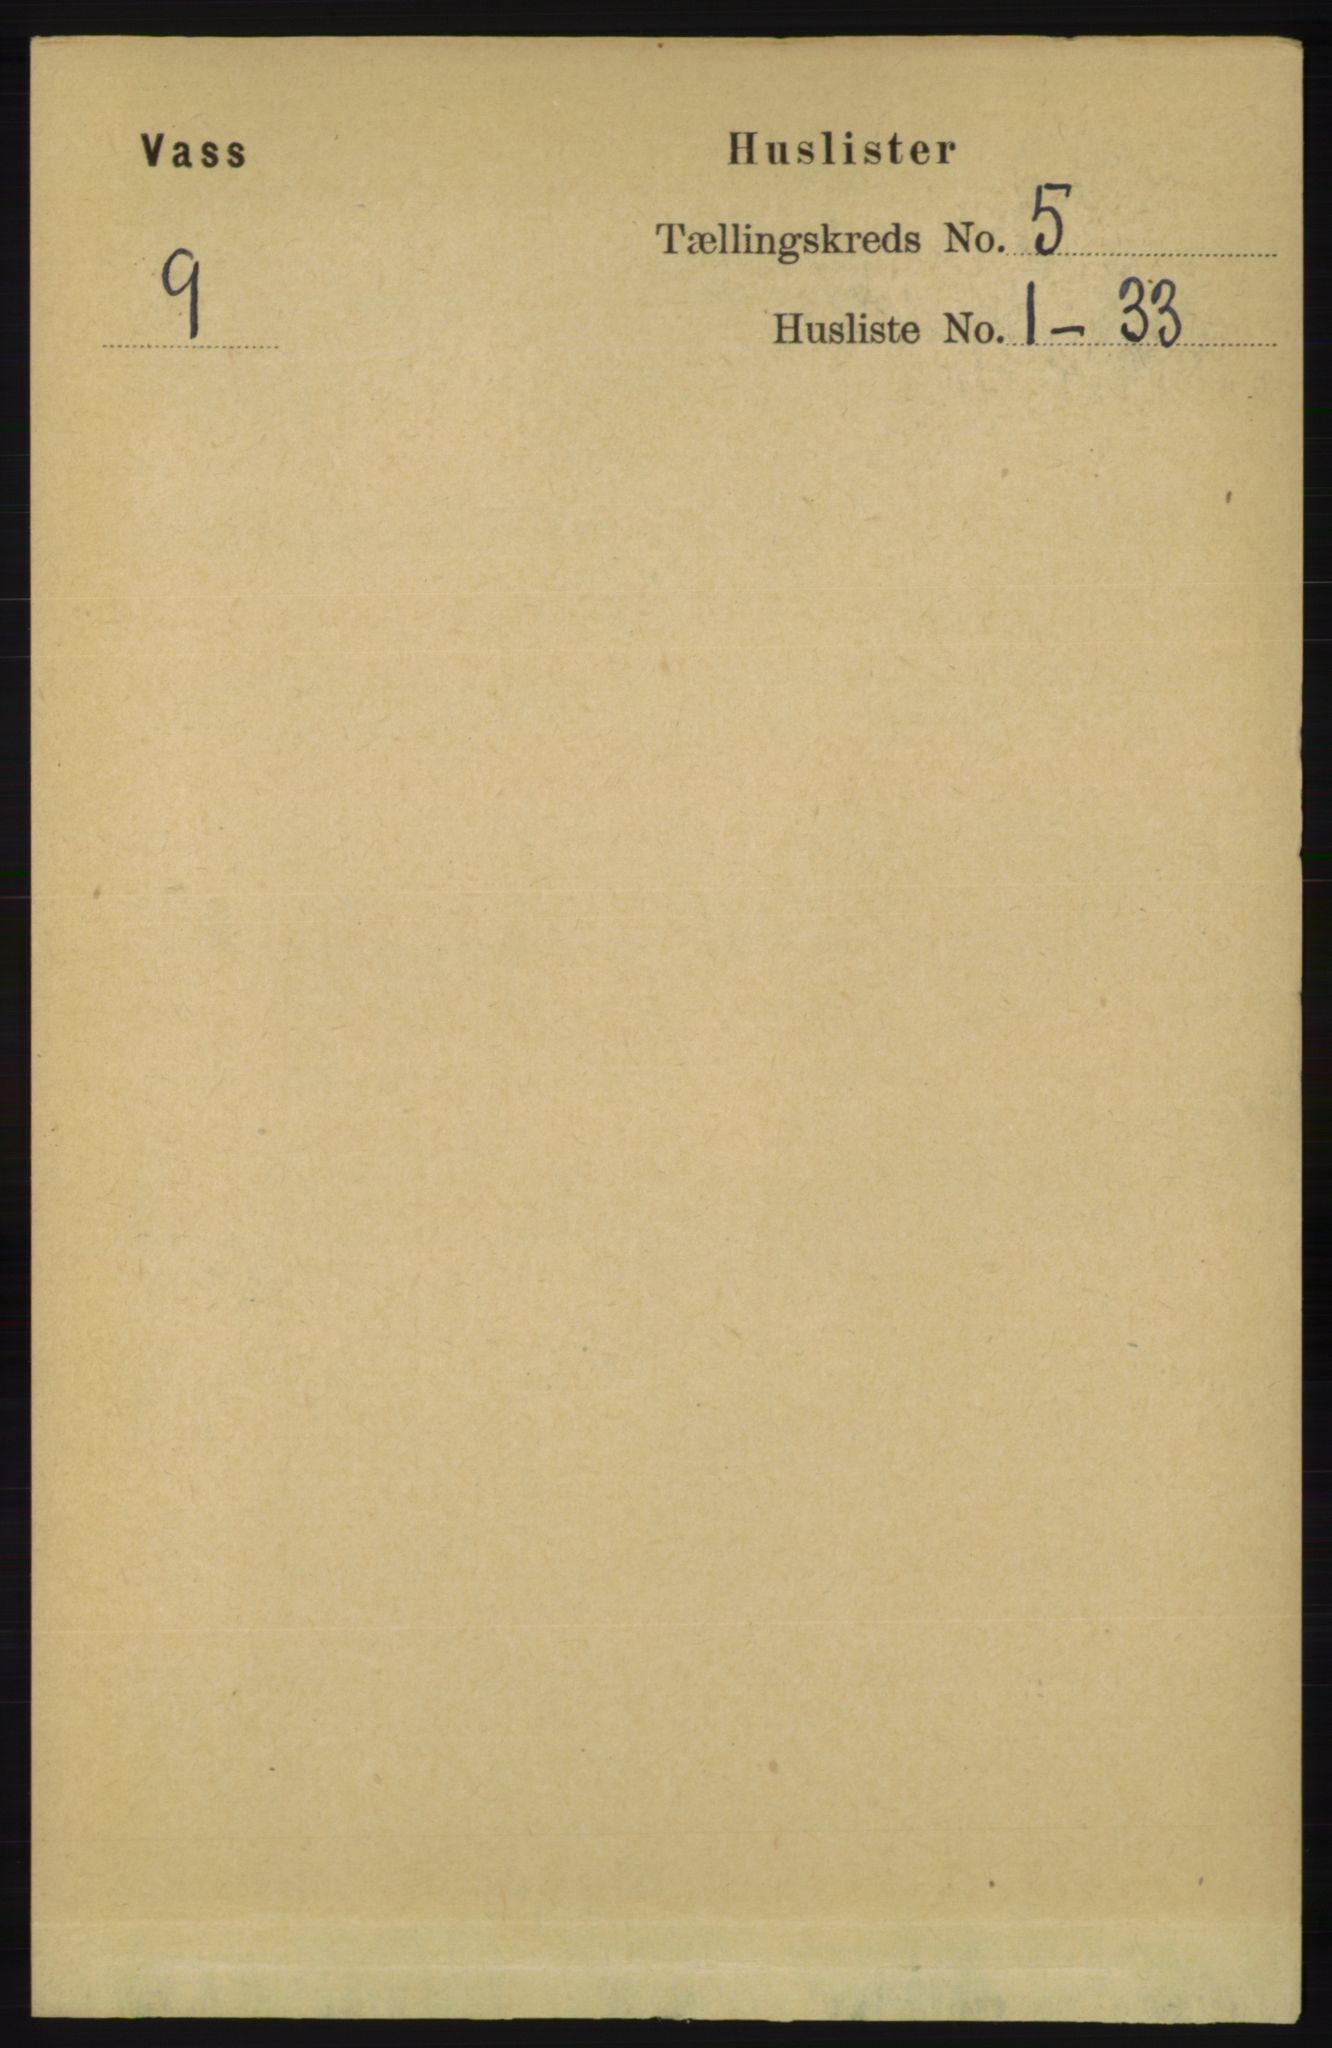 RA, Folketelling 1891 for 1155 Vats herred, 1891, s. 696